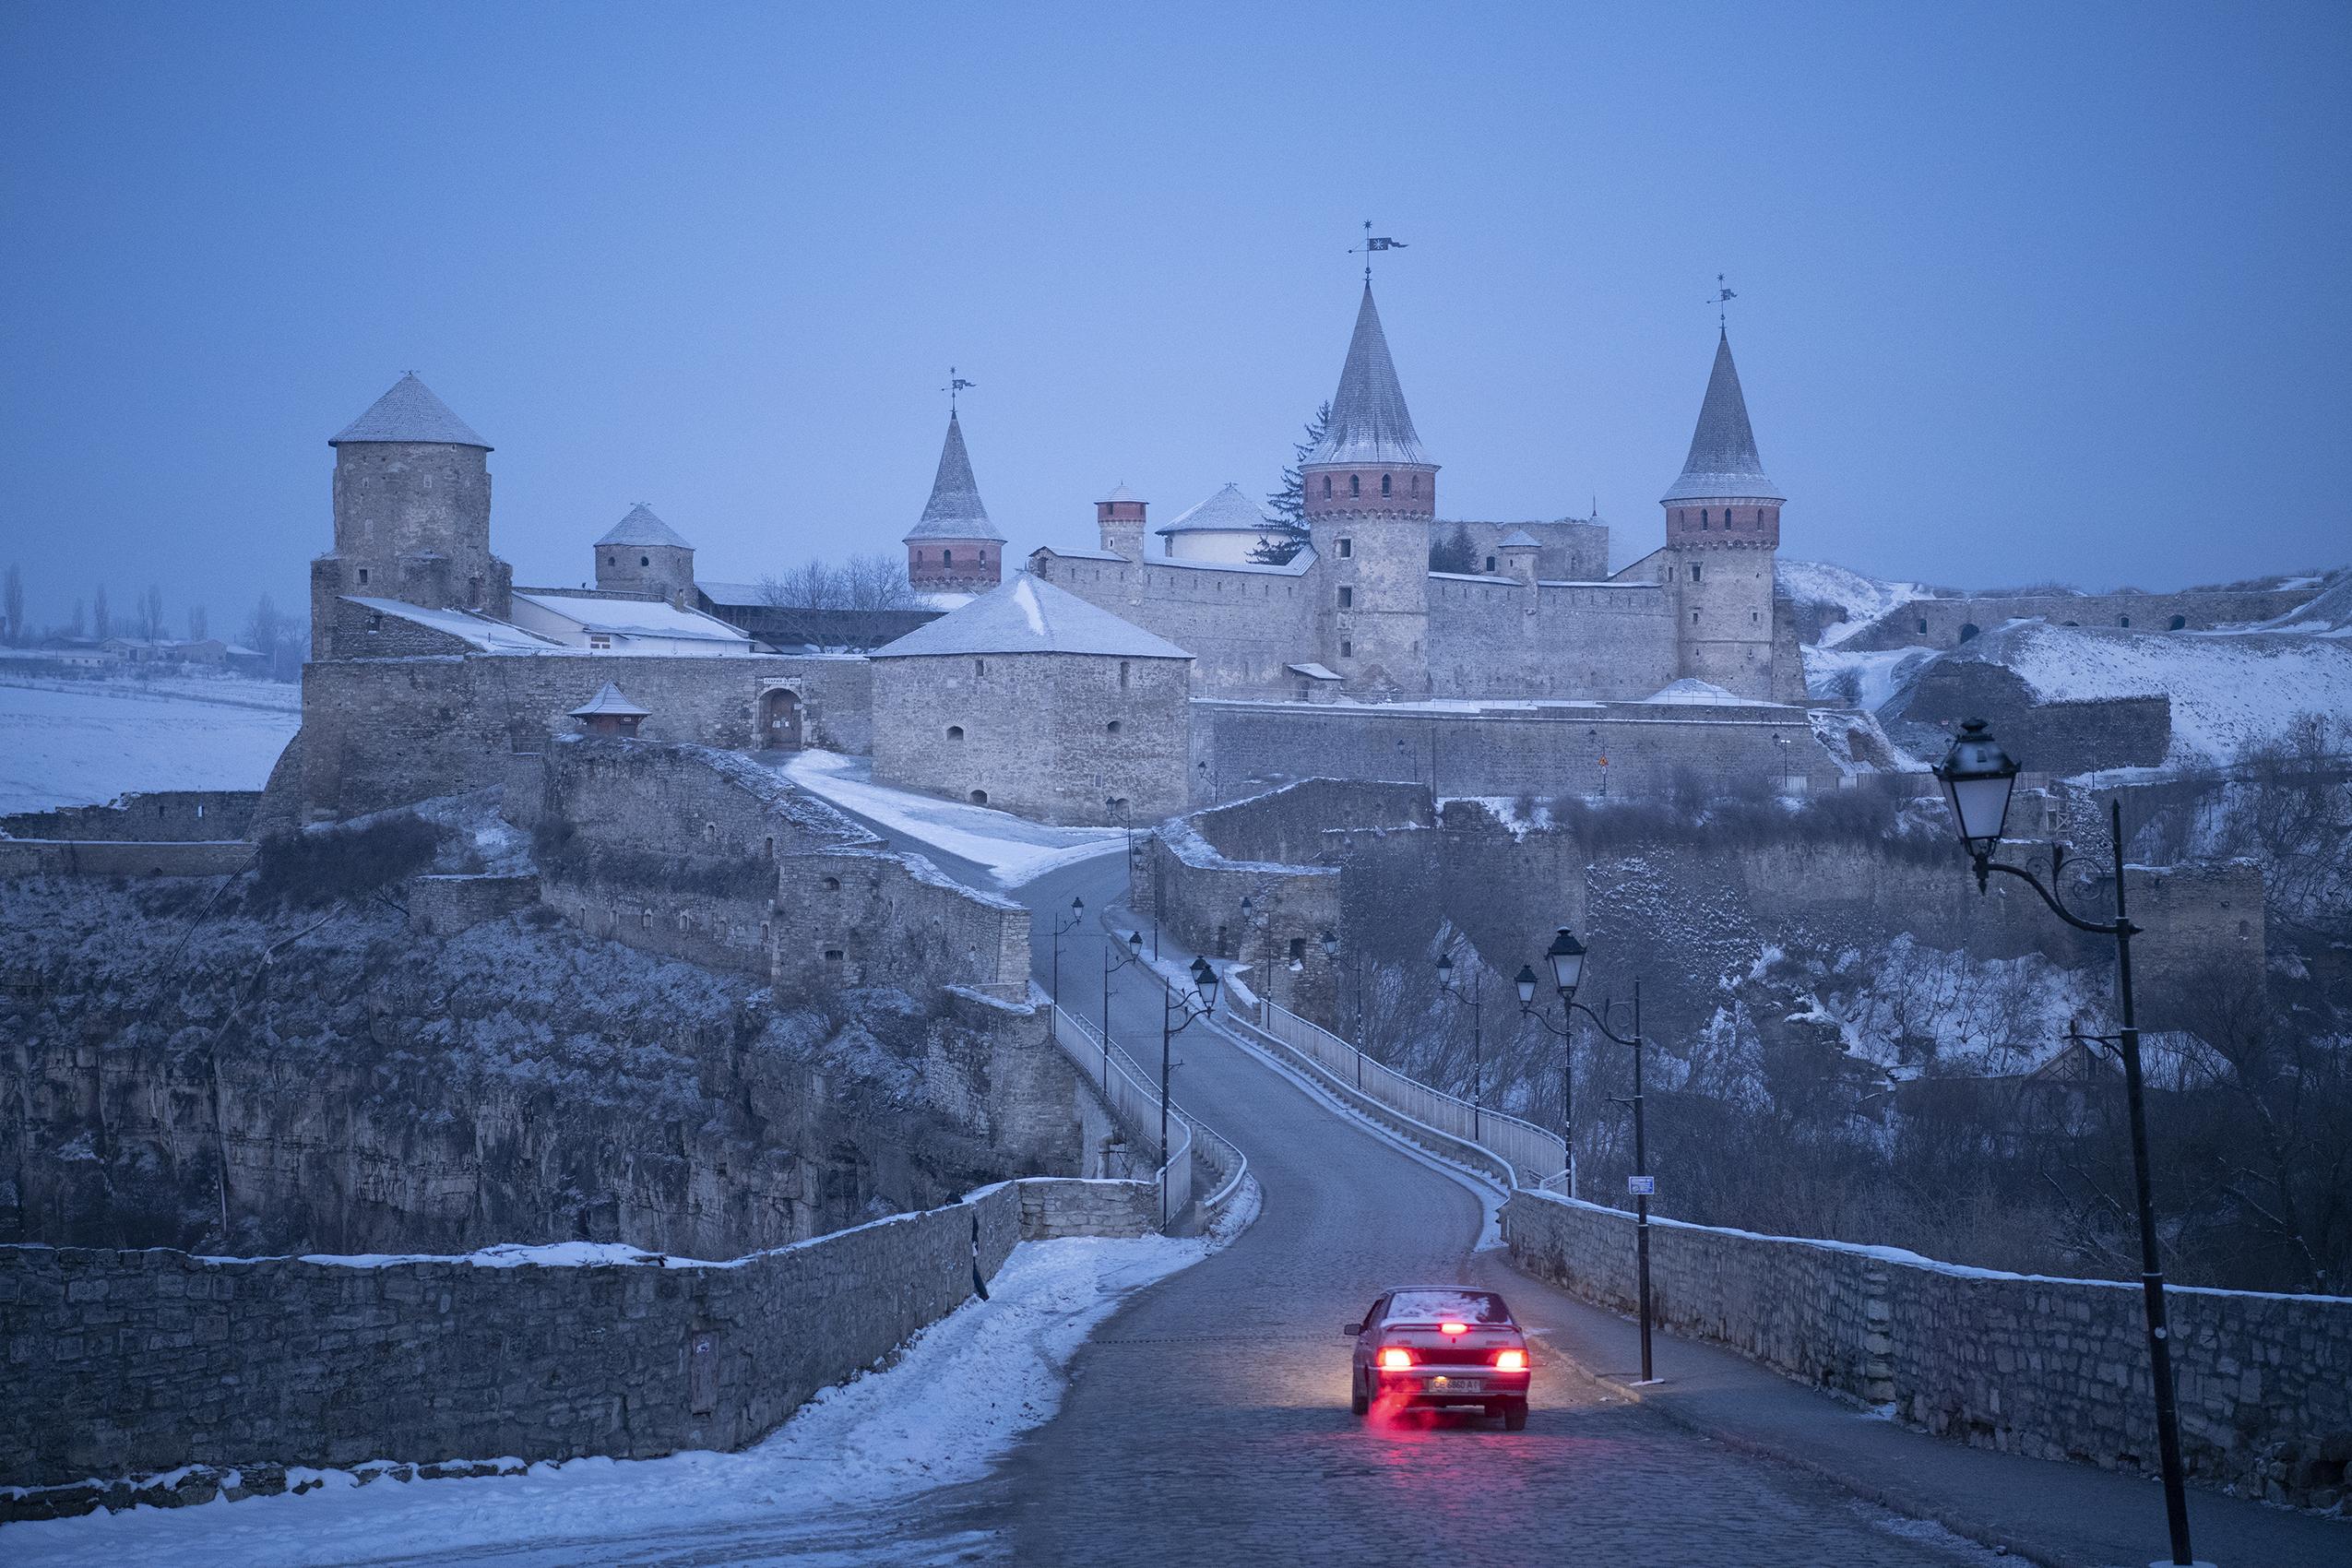 krajobraz przedstawiający Twierdzę w Kamieńcu Podolskim